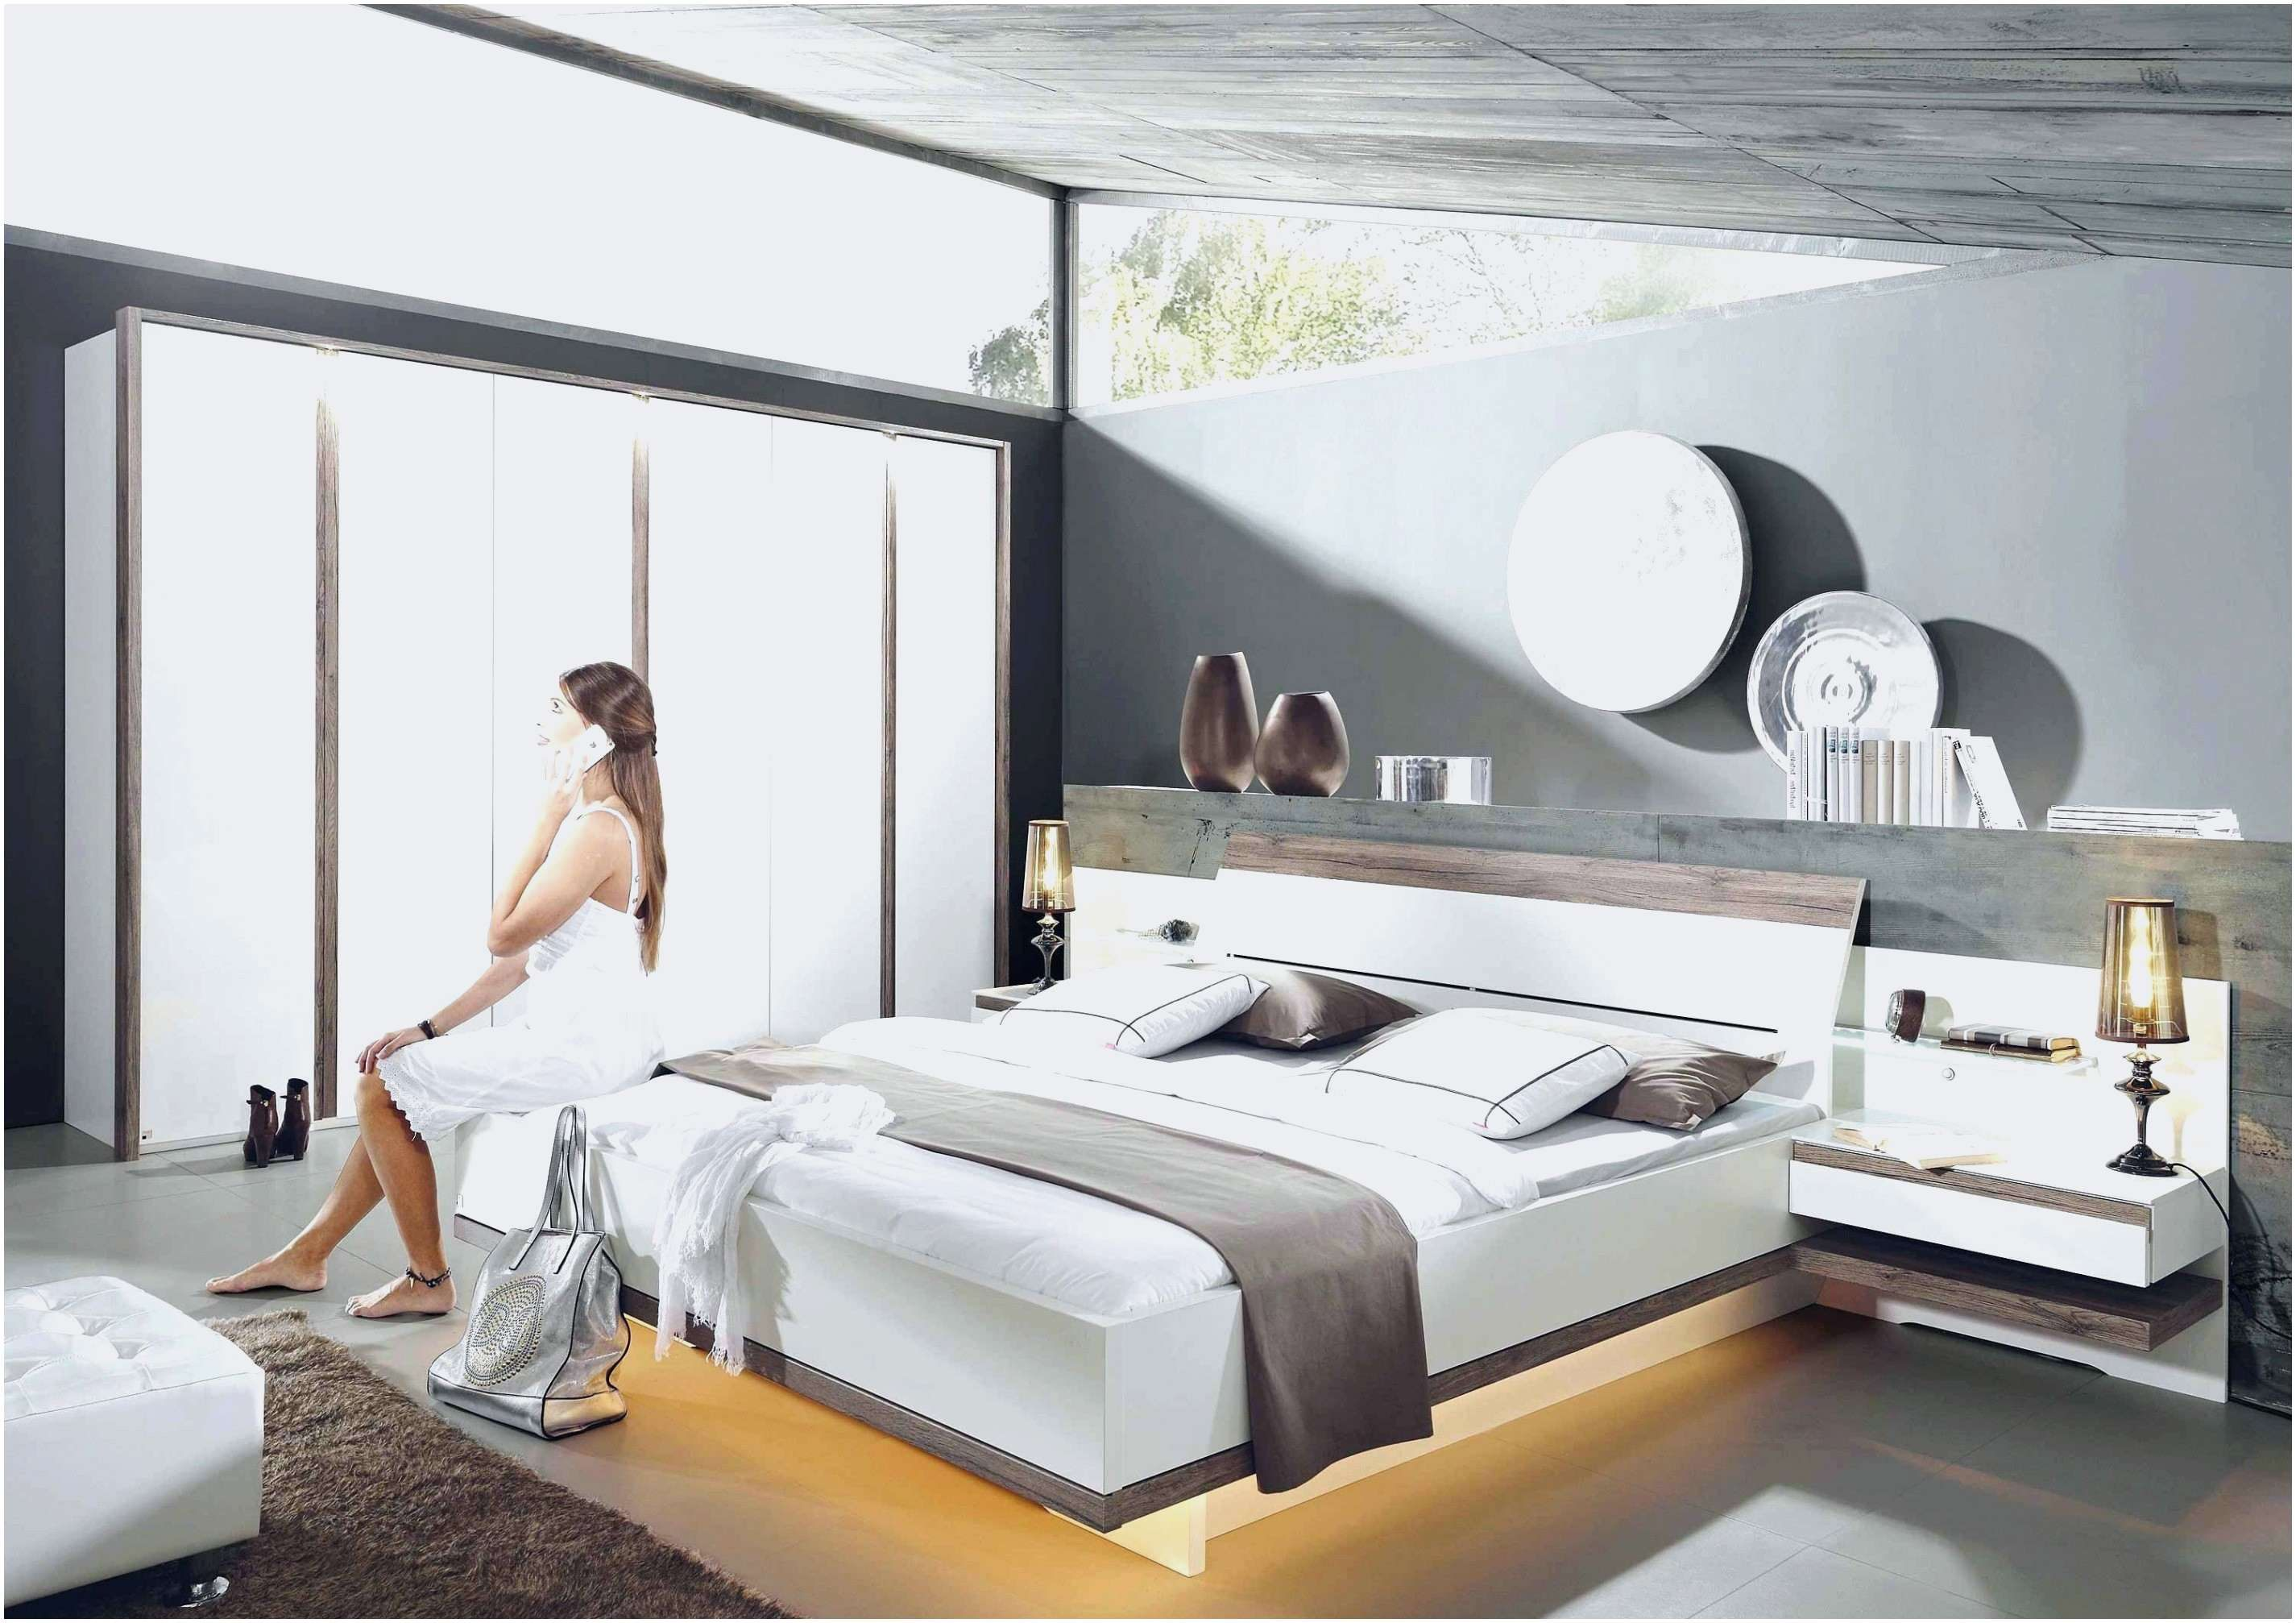 Cadre De Lit 160×200 Élégant Nouveau Structure Lit 160—200 Entourage De Lit Adulte Inspirational